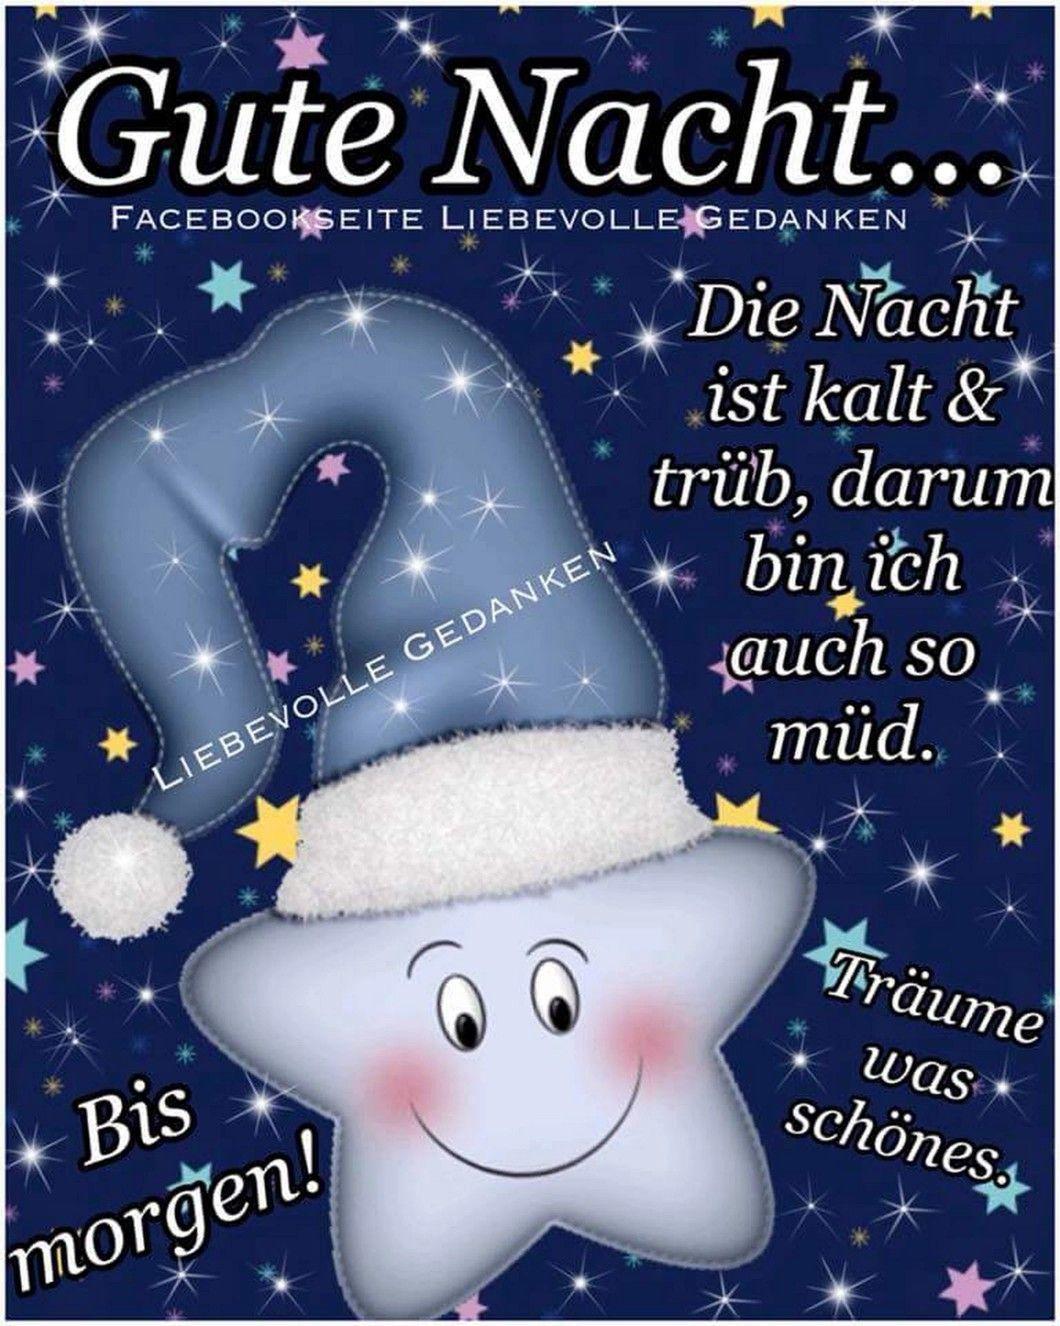 Gute nacht gedicht kinder | Gute nacht | Good night, Night und